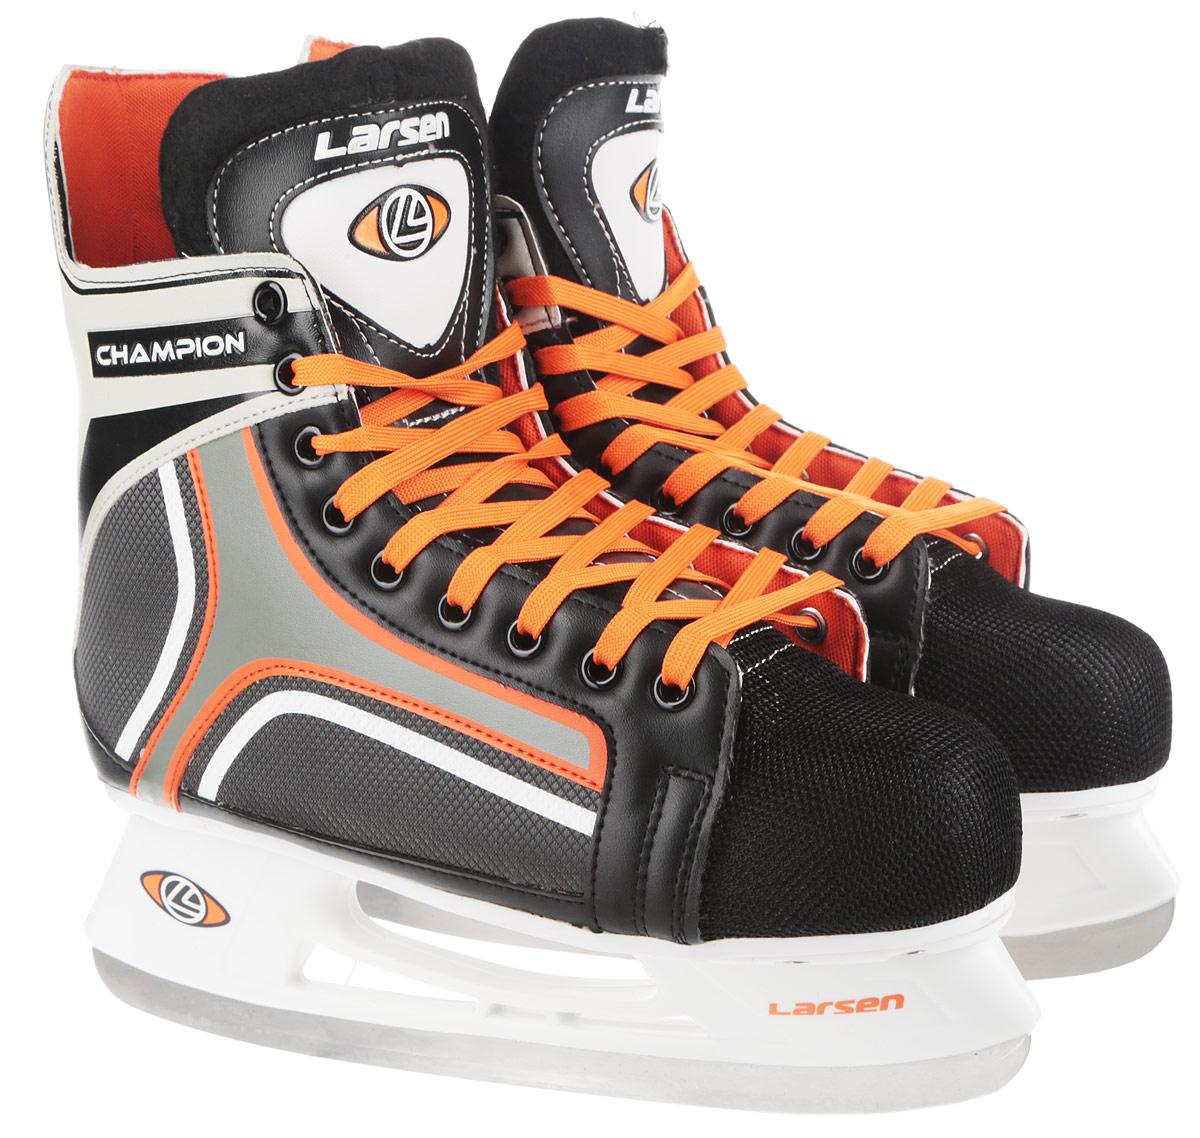 Коньки хоккейные мужские Larsen Champion, цвет: черный, белый, оранжевый. Размер 43CK Ladies Lux 2012-2013 White TricotСтильные коньки Champion от Larsen прекрасно подойдут для начинающих игроков в хоккей.Ботинок выполнен из морозоустойчивого поливинилхлорида. Мыс дополненвставкой из полипропилена, покрытого сетчатым нейлоном, которая защитит ноги от ударов.Внутренний слой изготовлен измягкого текстиля, который обеспечит тепло и комфорт во время катания, язычок - из войлока.Плотная шнуровка надежно фиксирует модель на ноге. Голеностоп имеет удобный суппорт. Стелька из EVA с текстильной поверхностью обеспечит комфортное катание. Стойкавыполнена из ударопрочного полипропилена. Лезвие из нержавеющей стали обеспечитпревосходное скольжение. В комплект входят пластиковые чехлы для лезвий. Температура использования до -20°С.